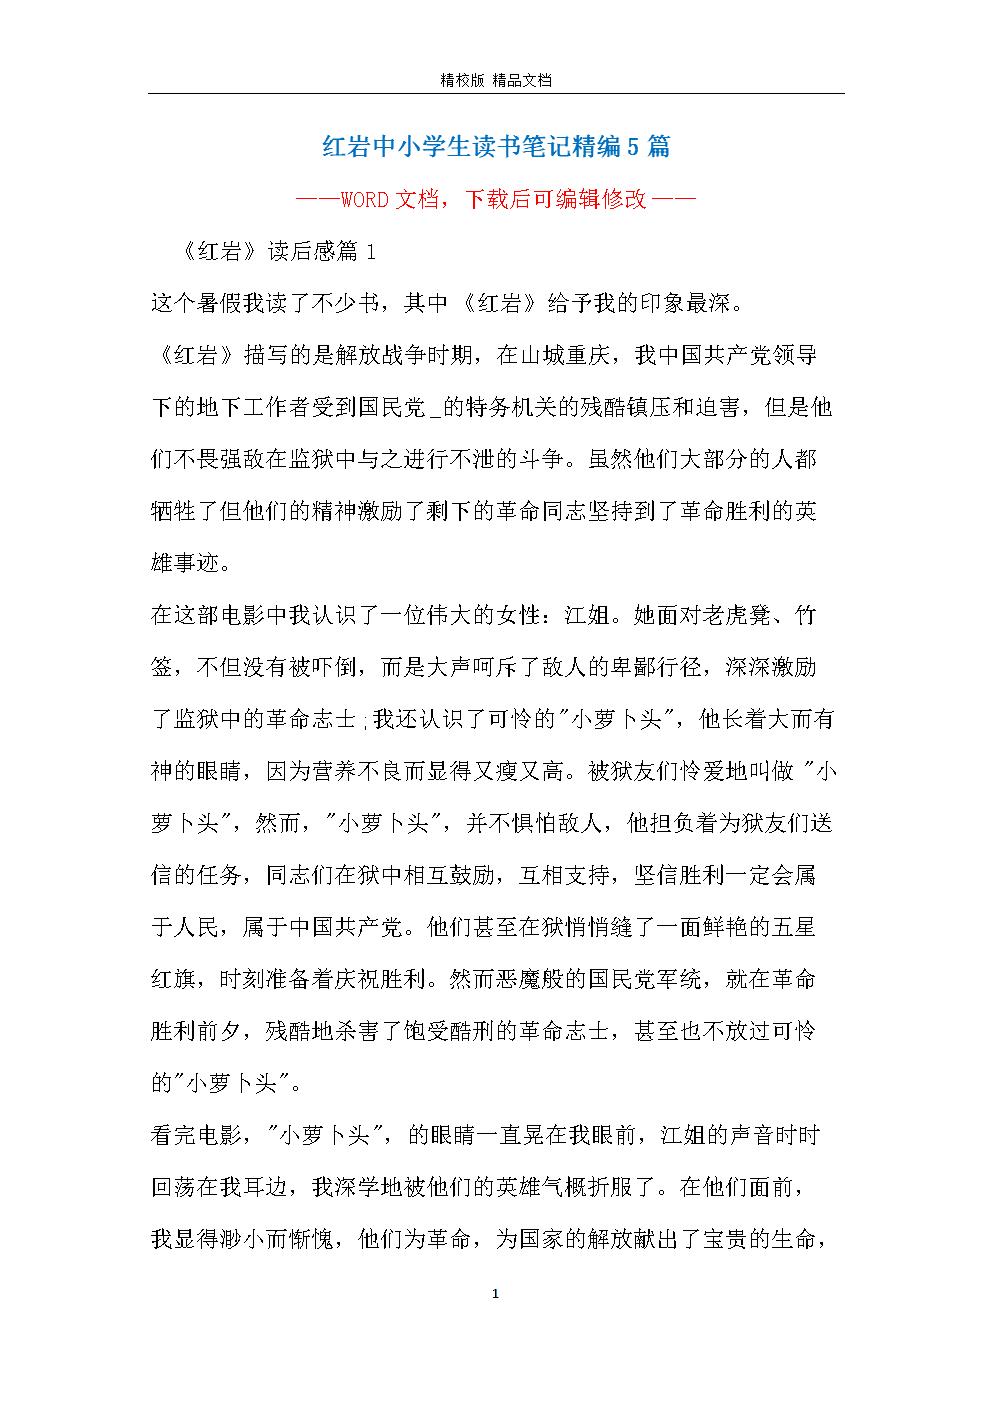 红岩中小学生读书笔记精编5篇.docx